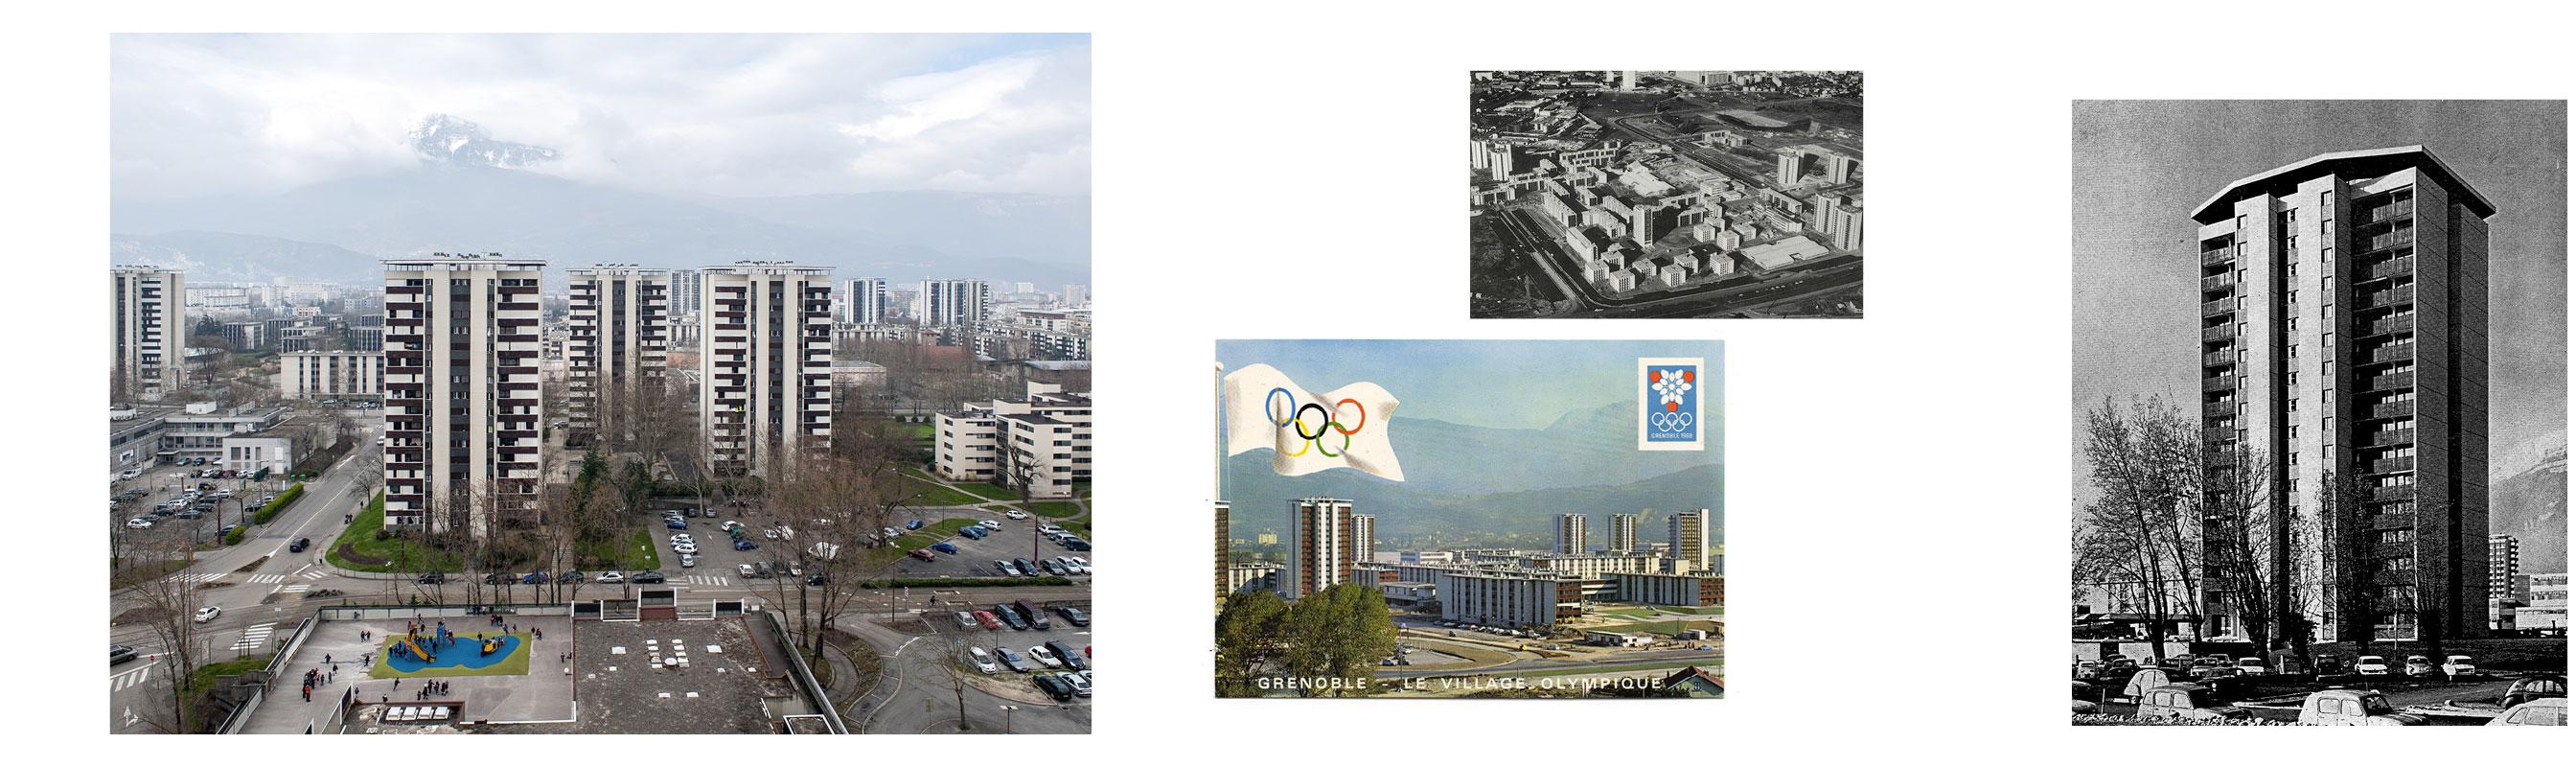 Village Olympique Grenoble Un Modernisme Olympique